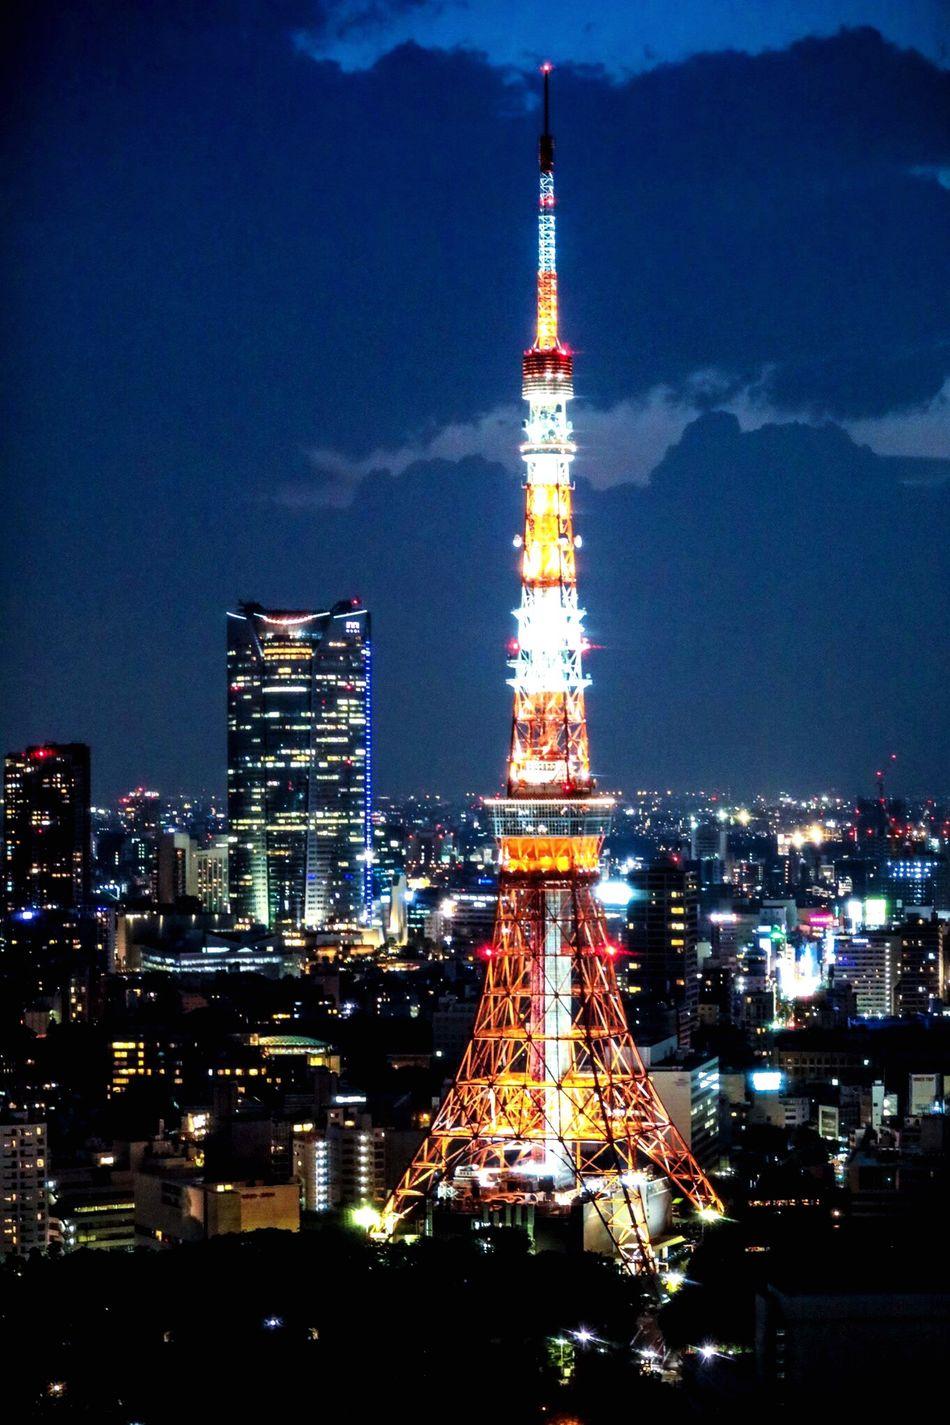 東京タワー 六本木ヒルズ 夜景 都市夜景 Tokyo Tower Roppongi Roppongihills Nightview City View  City Night Tower